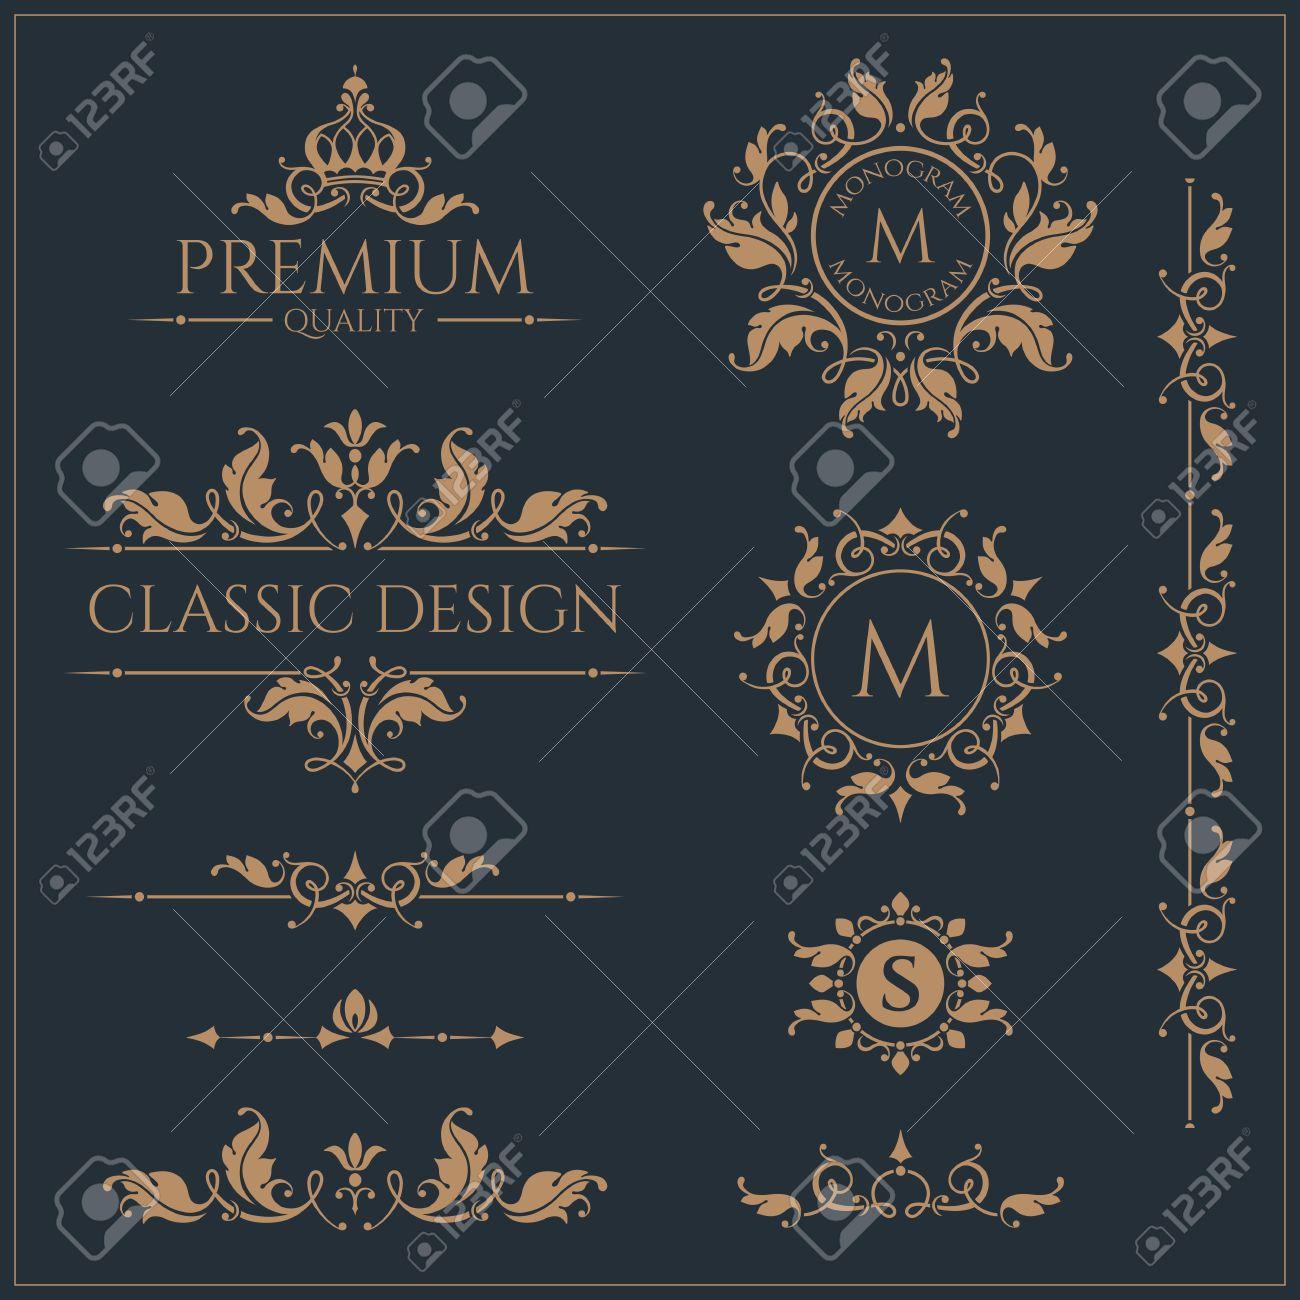 Monogramas Y Bordes Florales Marcos Para Tarjetas Invitaciones Menús Etiquetas Páginas De Diseño Gráfico Rótulo De Establecimiento Boutiques